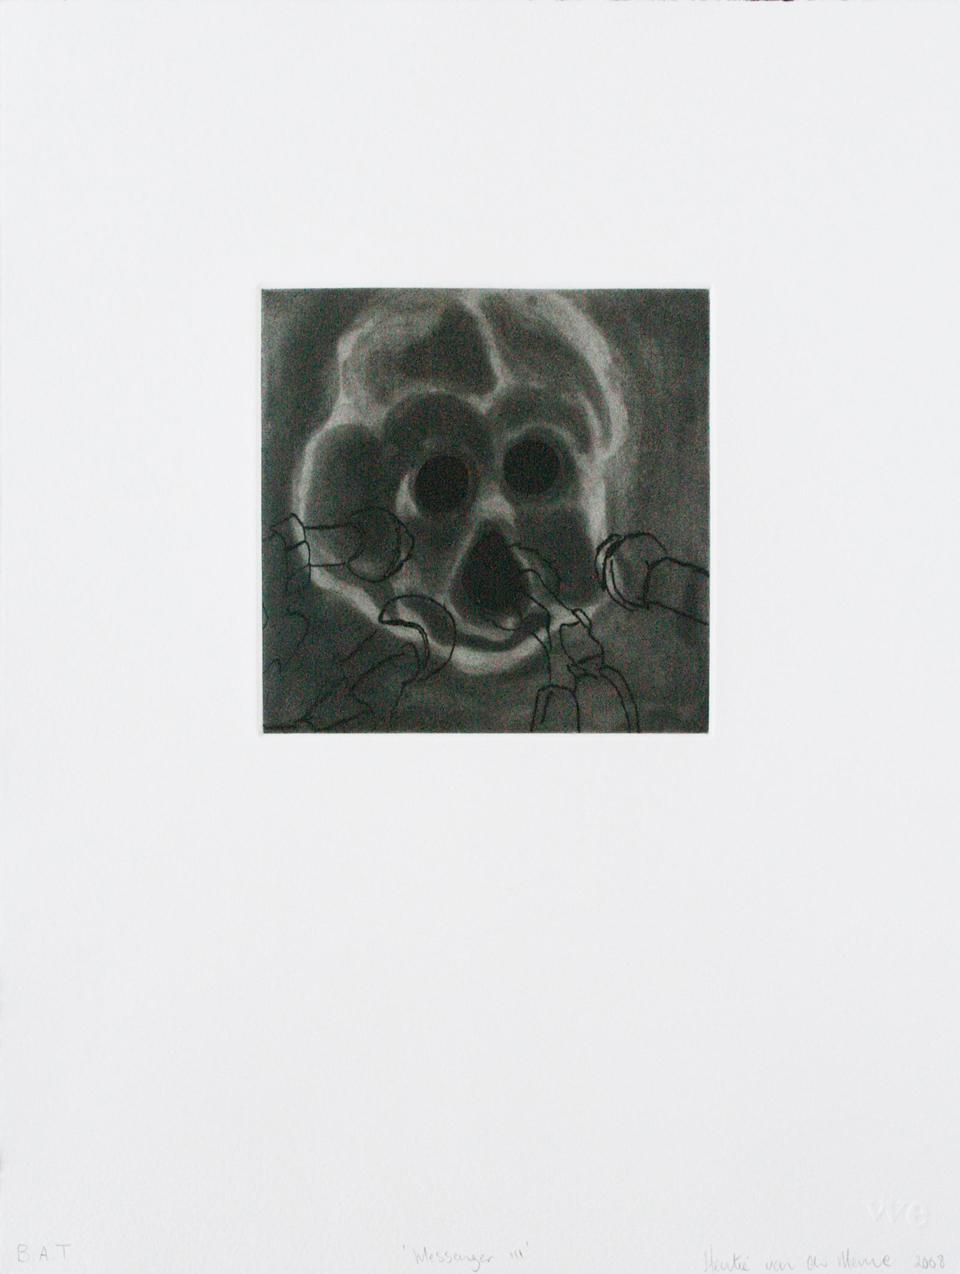 Hentie van der Merwe, Messenger III, Prints